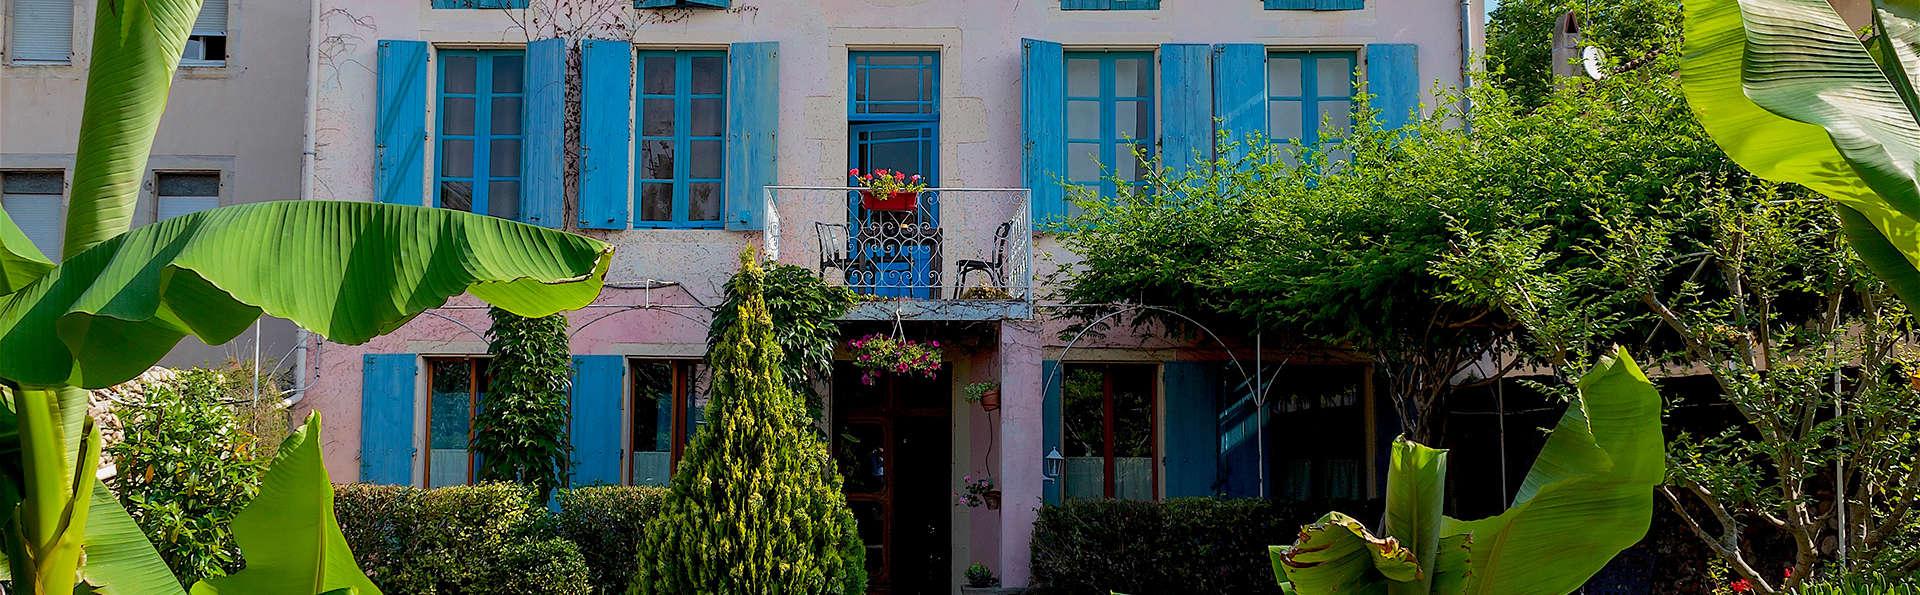 Week-end en chambres d'hôtes, dans un village cathare aux portes des Pyrénées (2 nuits minimum)